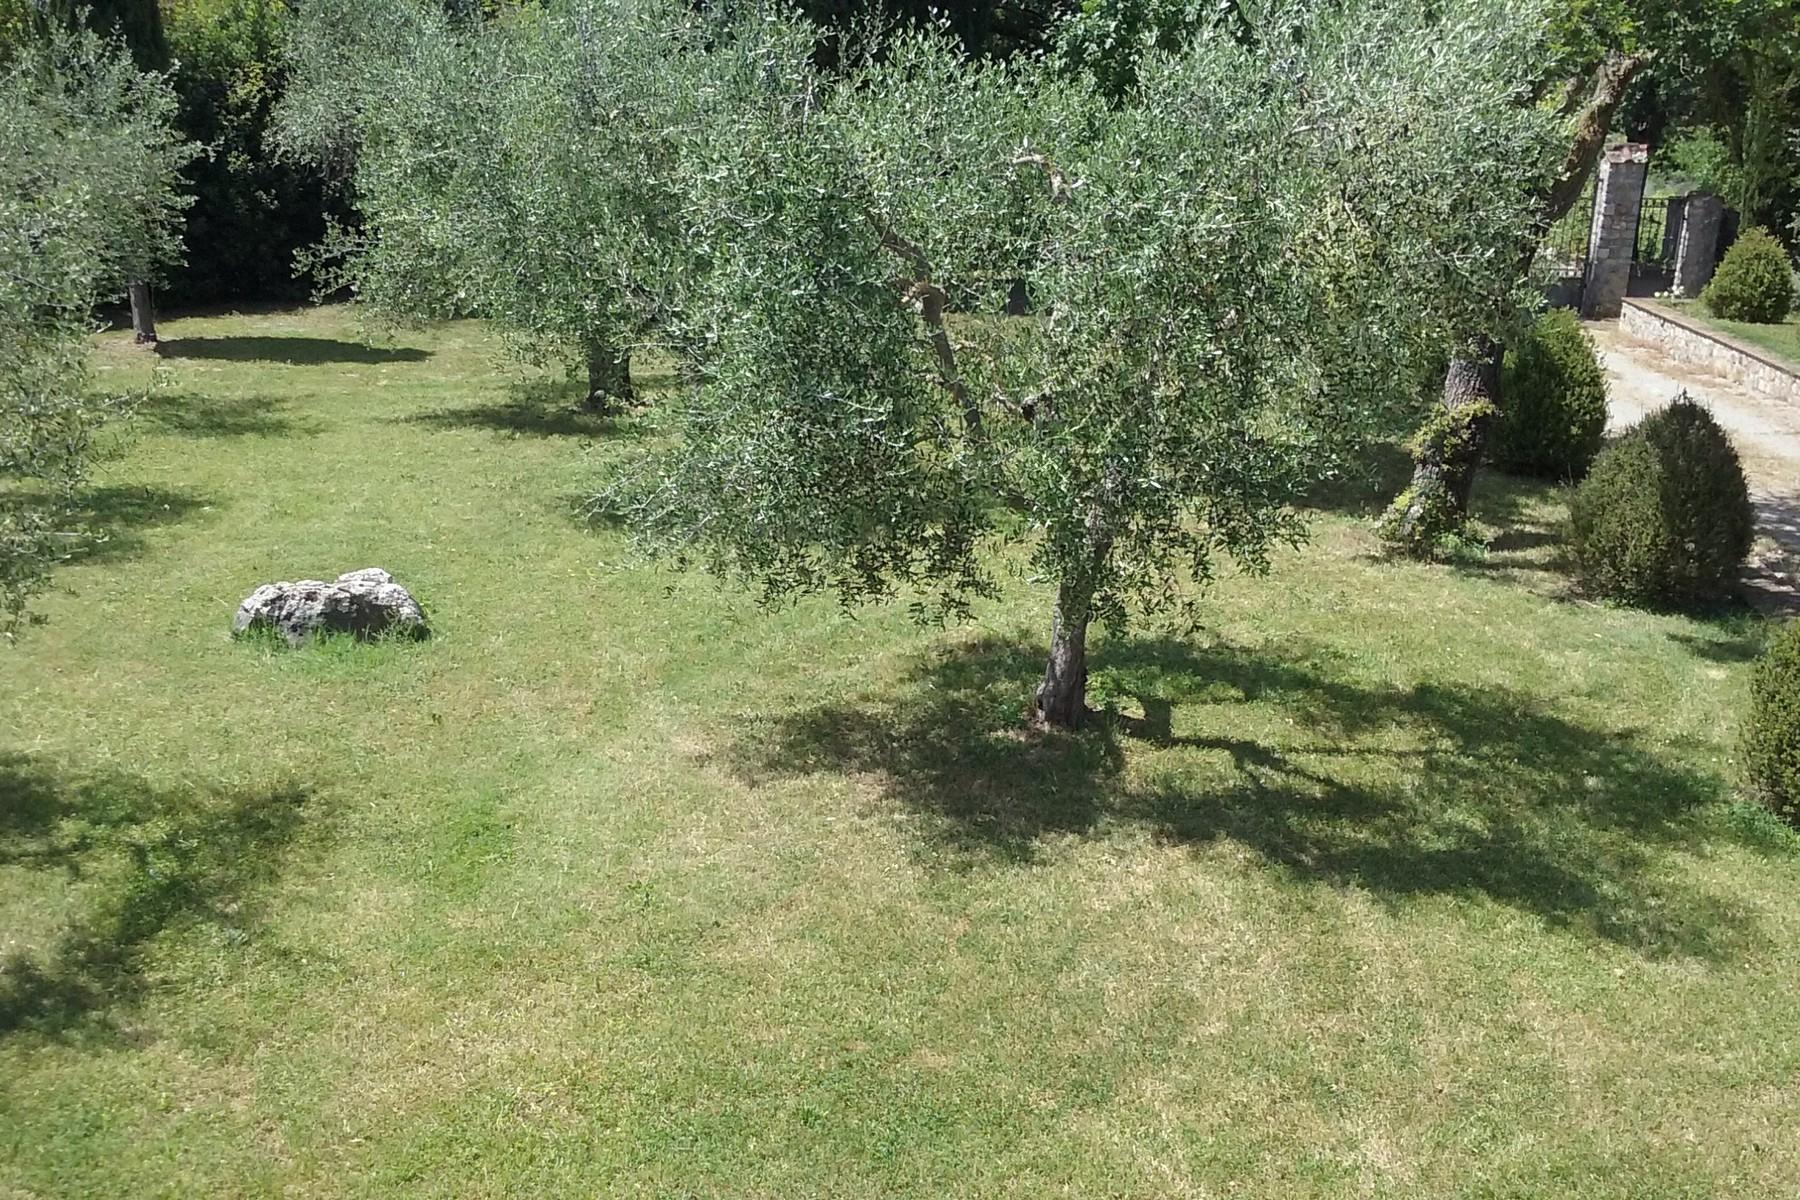 Rustico in Vendita a San Casciano Dei Bagni: 5 locali, 350 mq - Foto 19